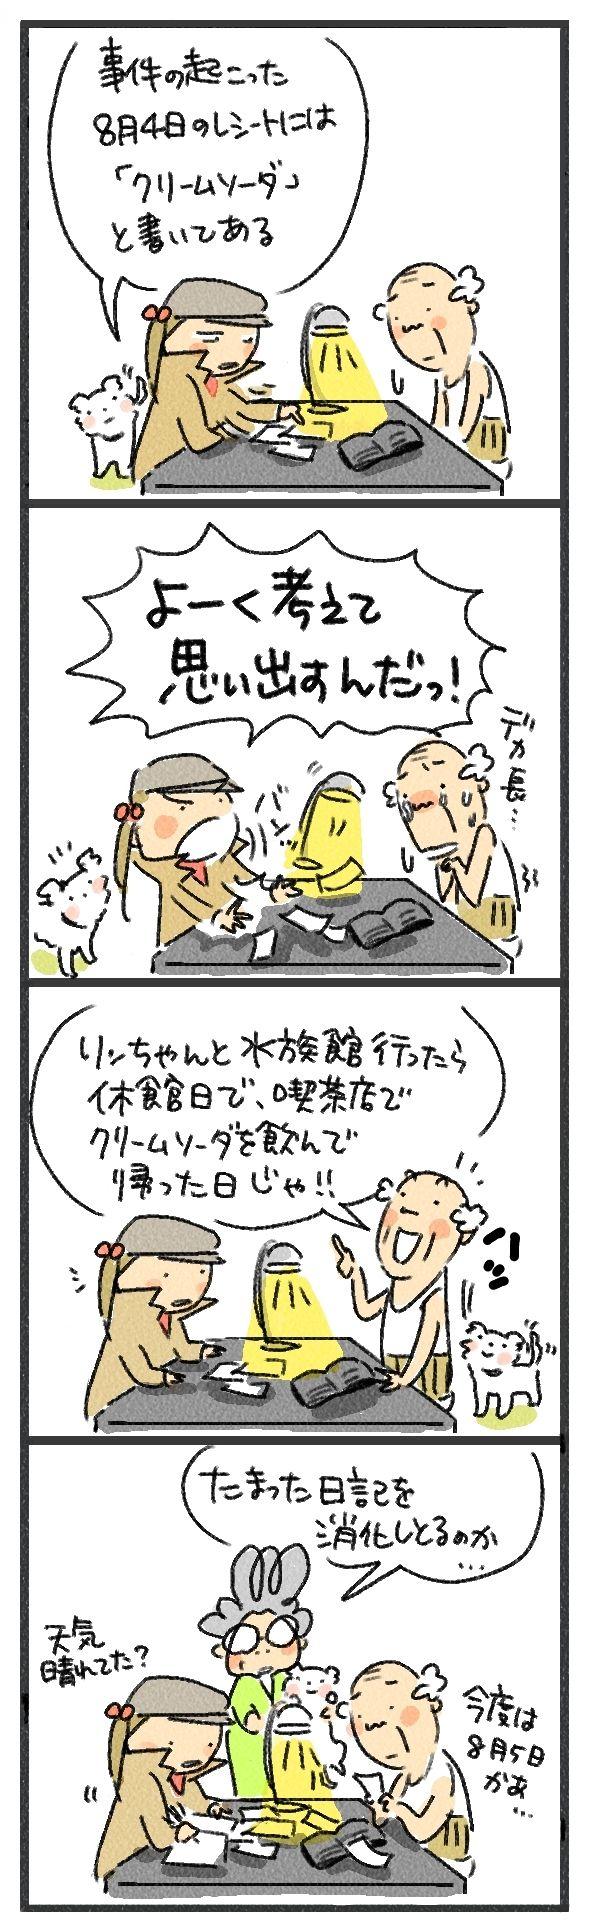 $あつをの4コマ漫画:ねりきり.おはぎ.さくらもち